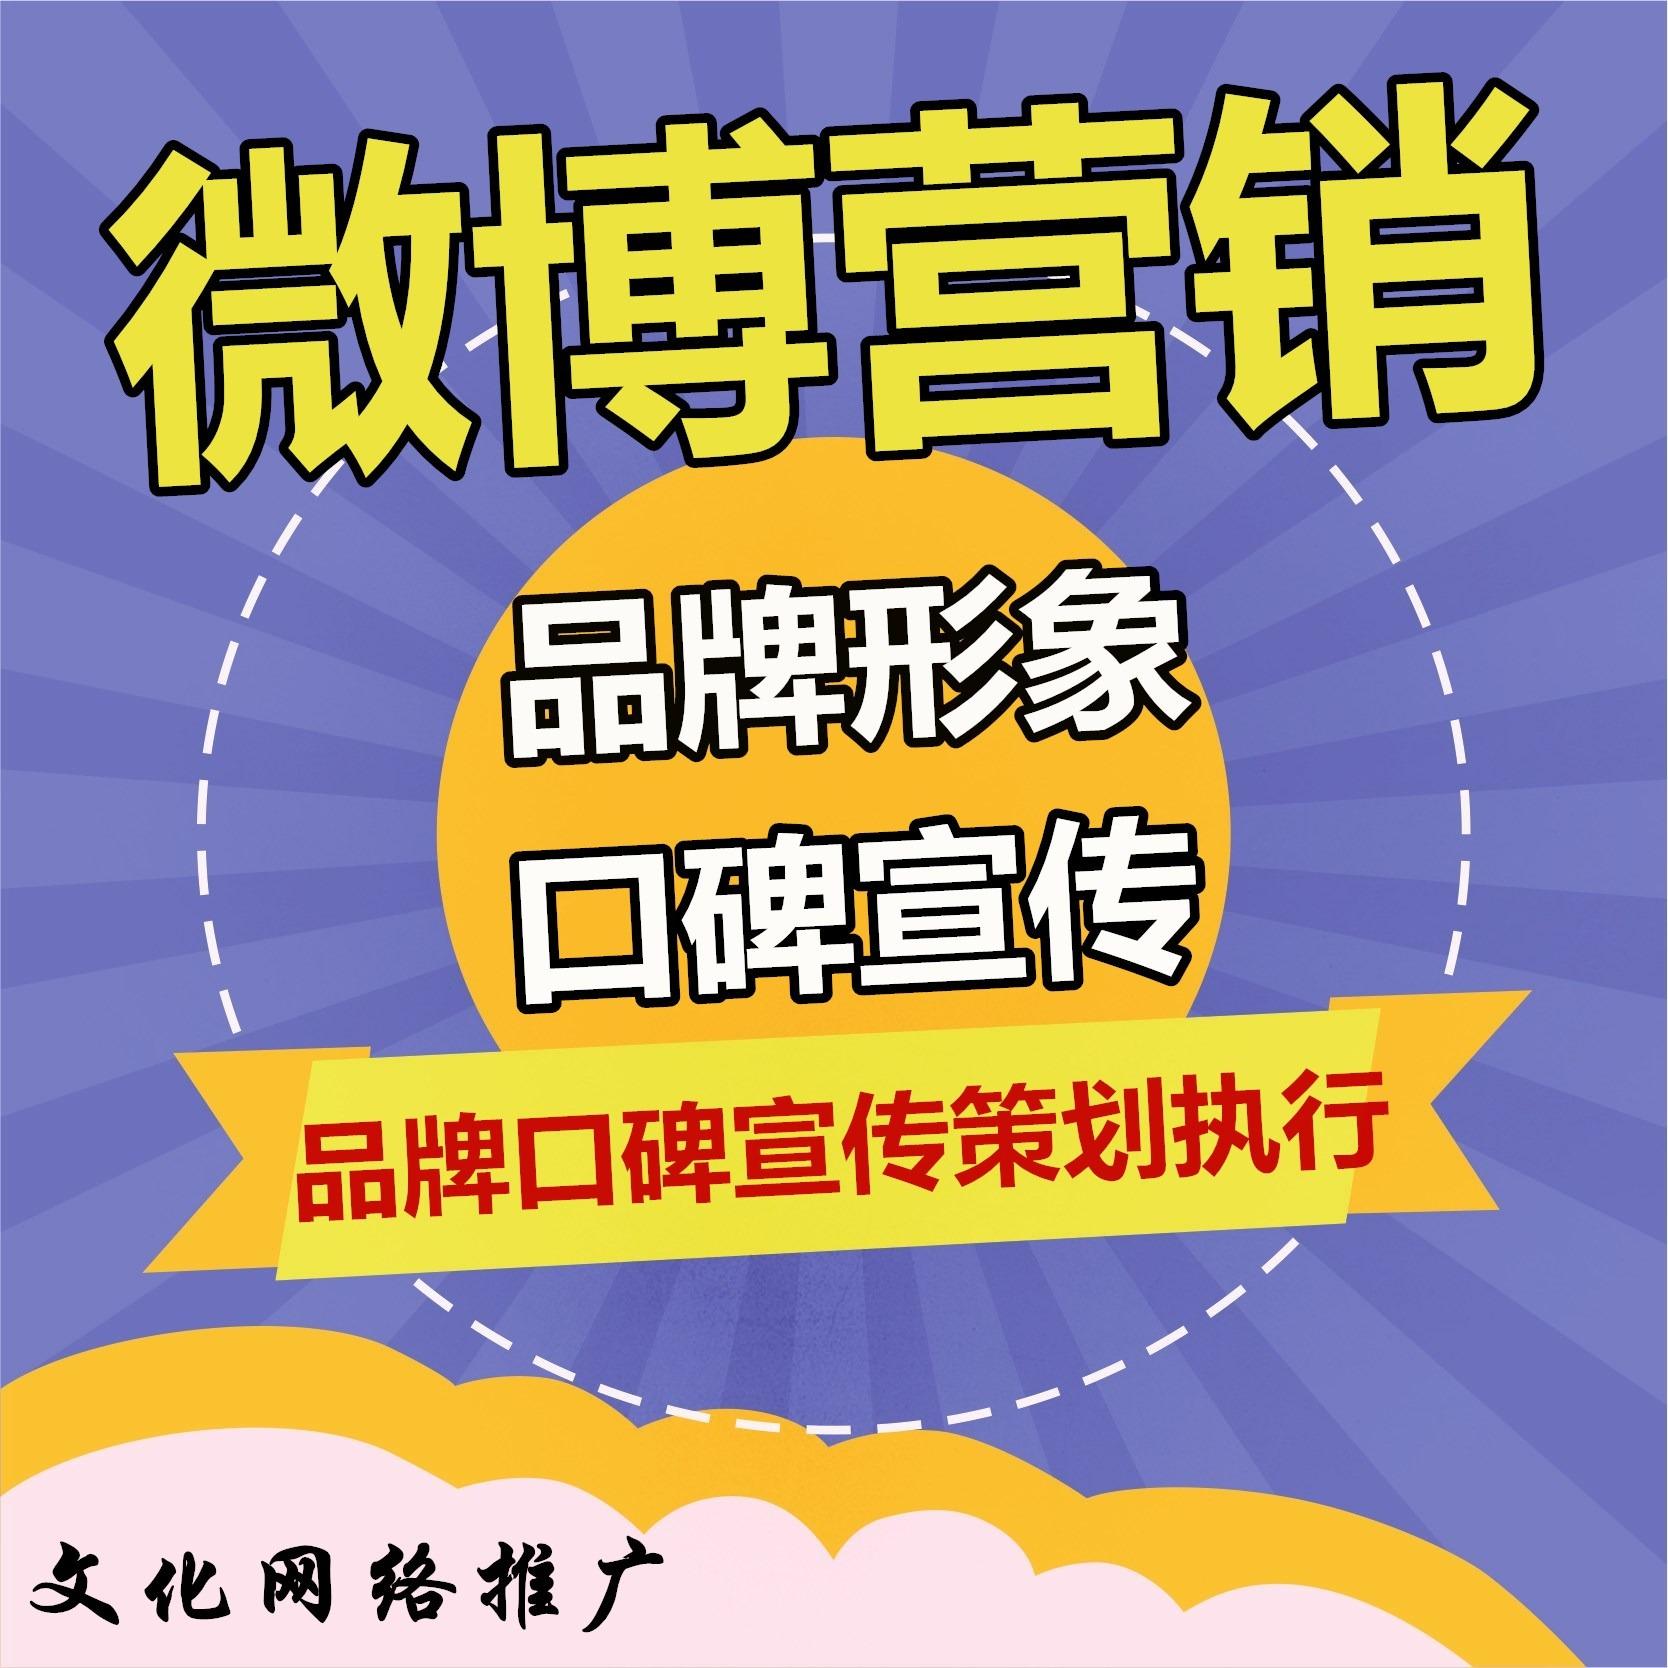 新浪微博微信微博新浪粉丝通营销推广微博微信公众号订阅号服务号